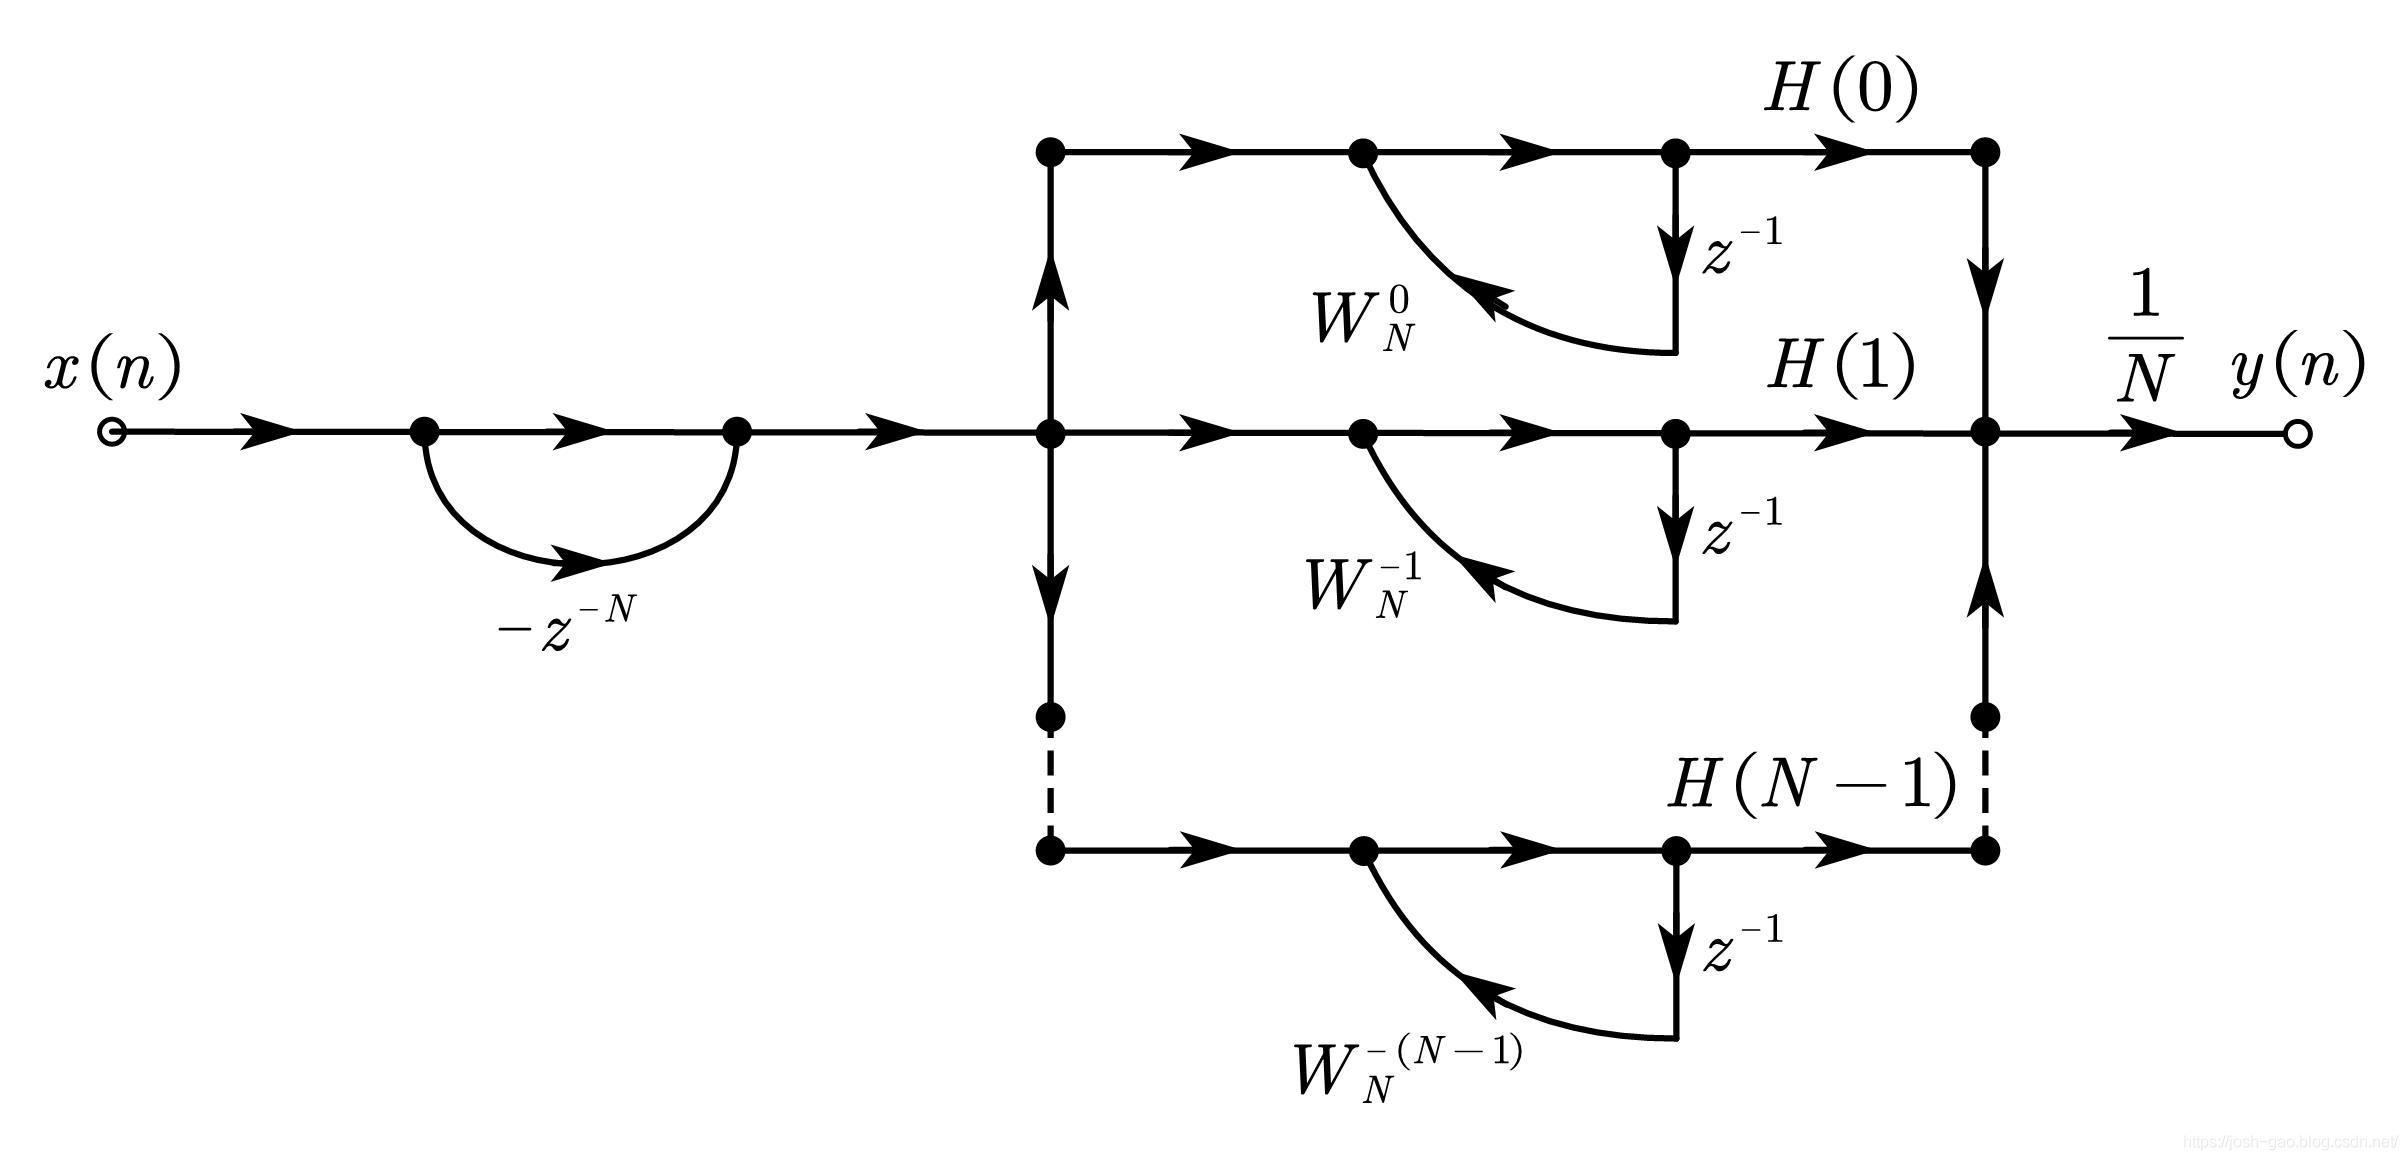 频率取样型 FIR 滤波器的结构